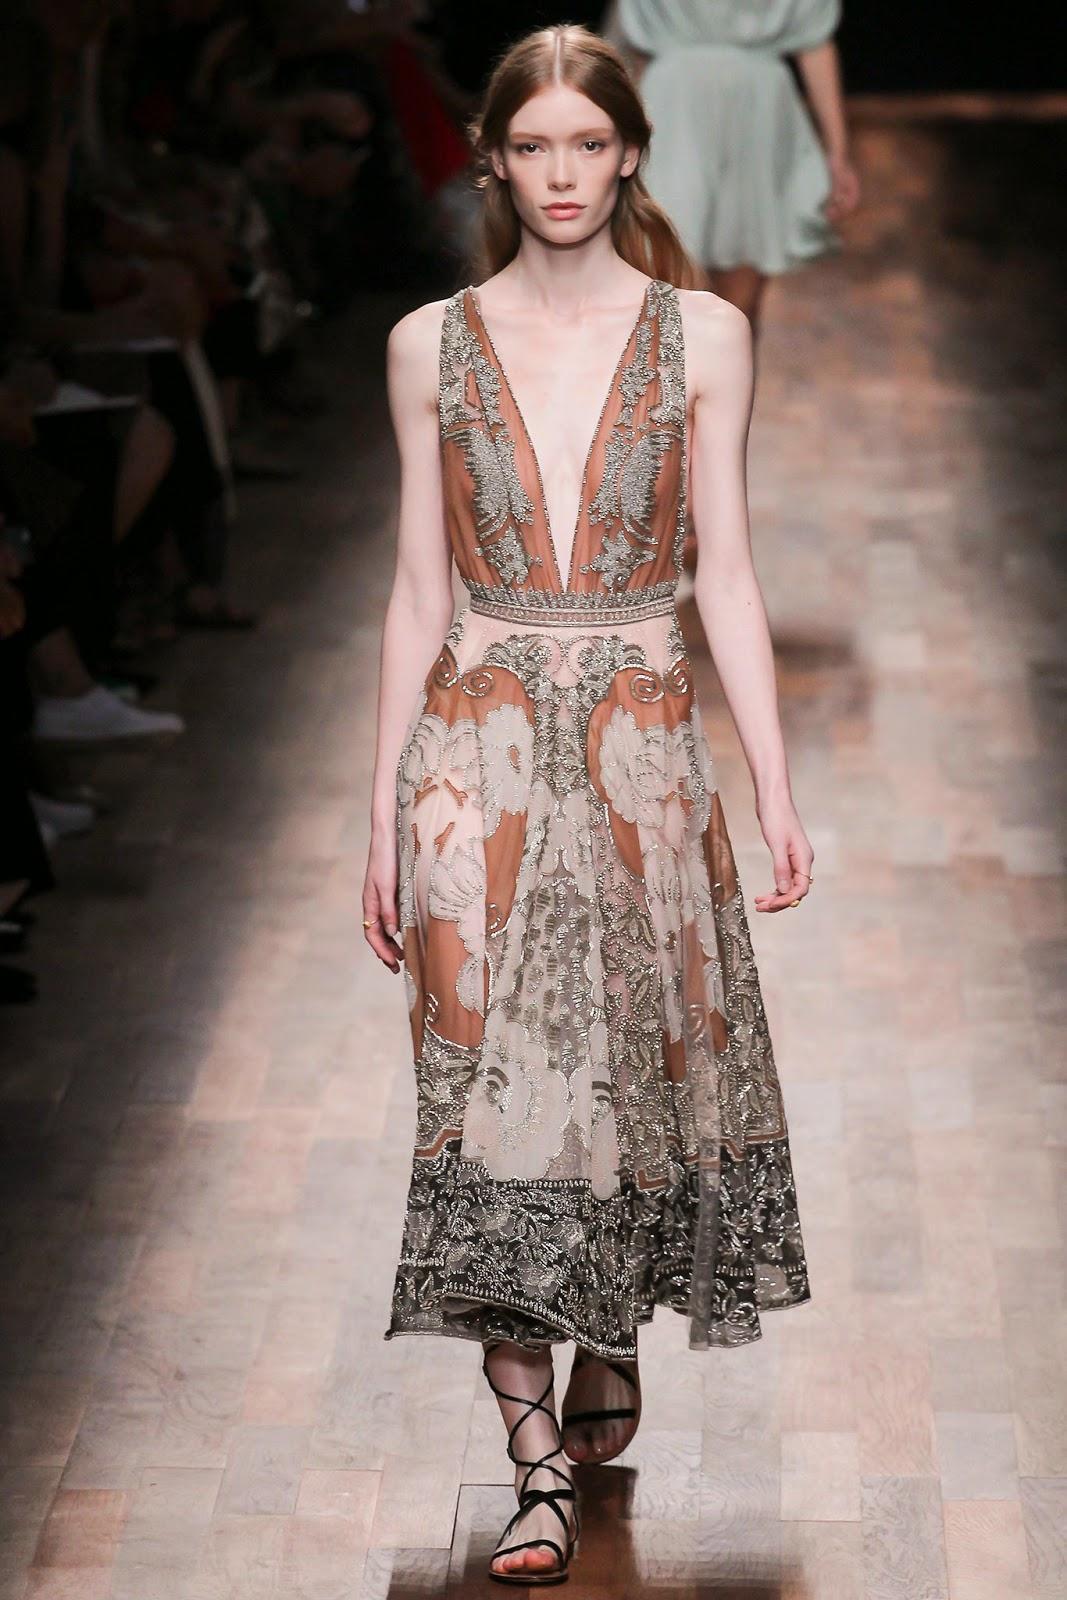 valentino 2015 summer 2016 trend women dress81 Valentino 2015 samling, våren sommaren 2016 Valentino klänning modeller, Valentino kväll klänning nya säsongen kvinnors kjolar modeller